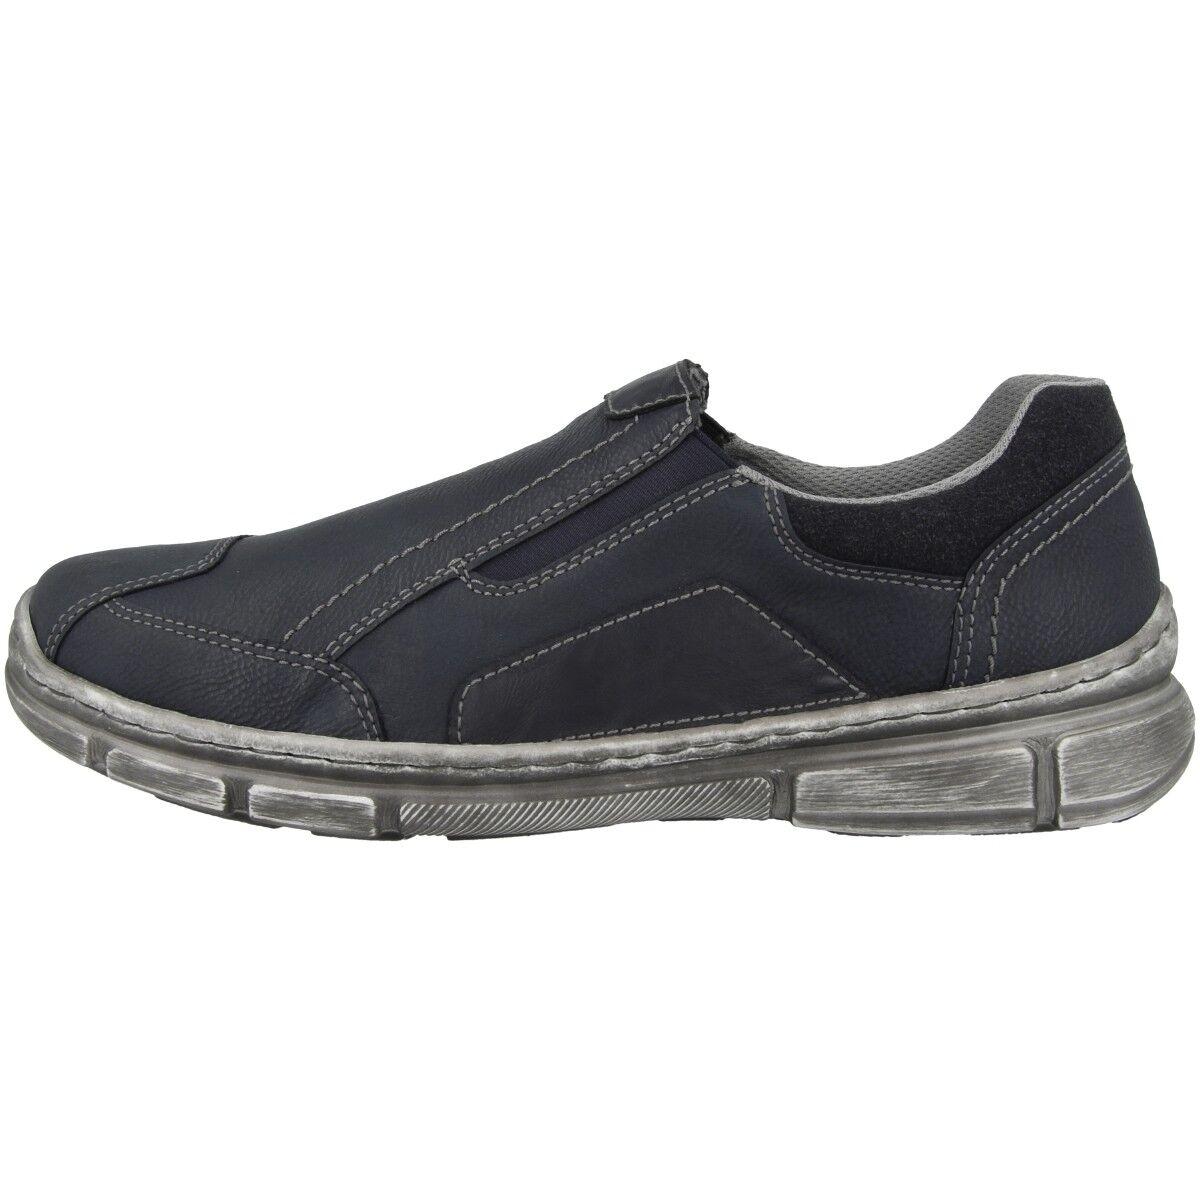 Rieker almada-malta-virage Men zapatos caballero zapatos abotinados cortos azul 13761-15